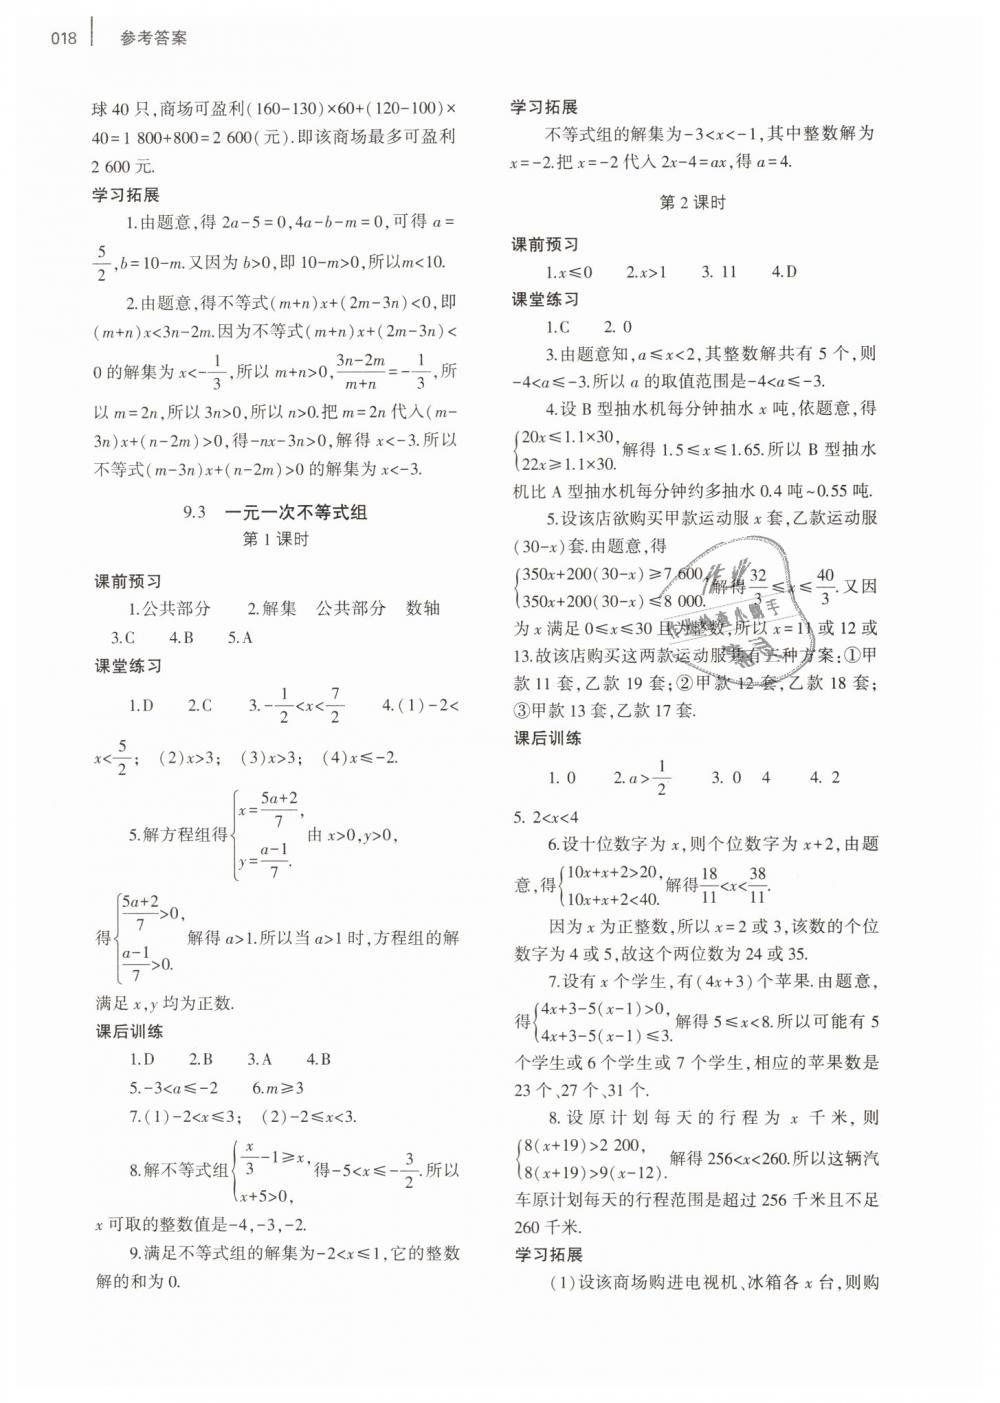 2019年基础训练七年级数学下册人教版大象出版社第18页